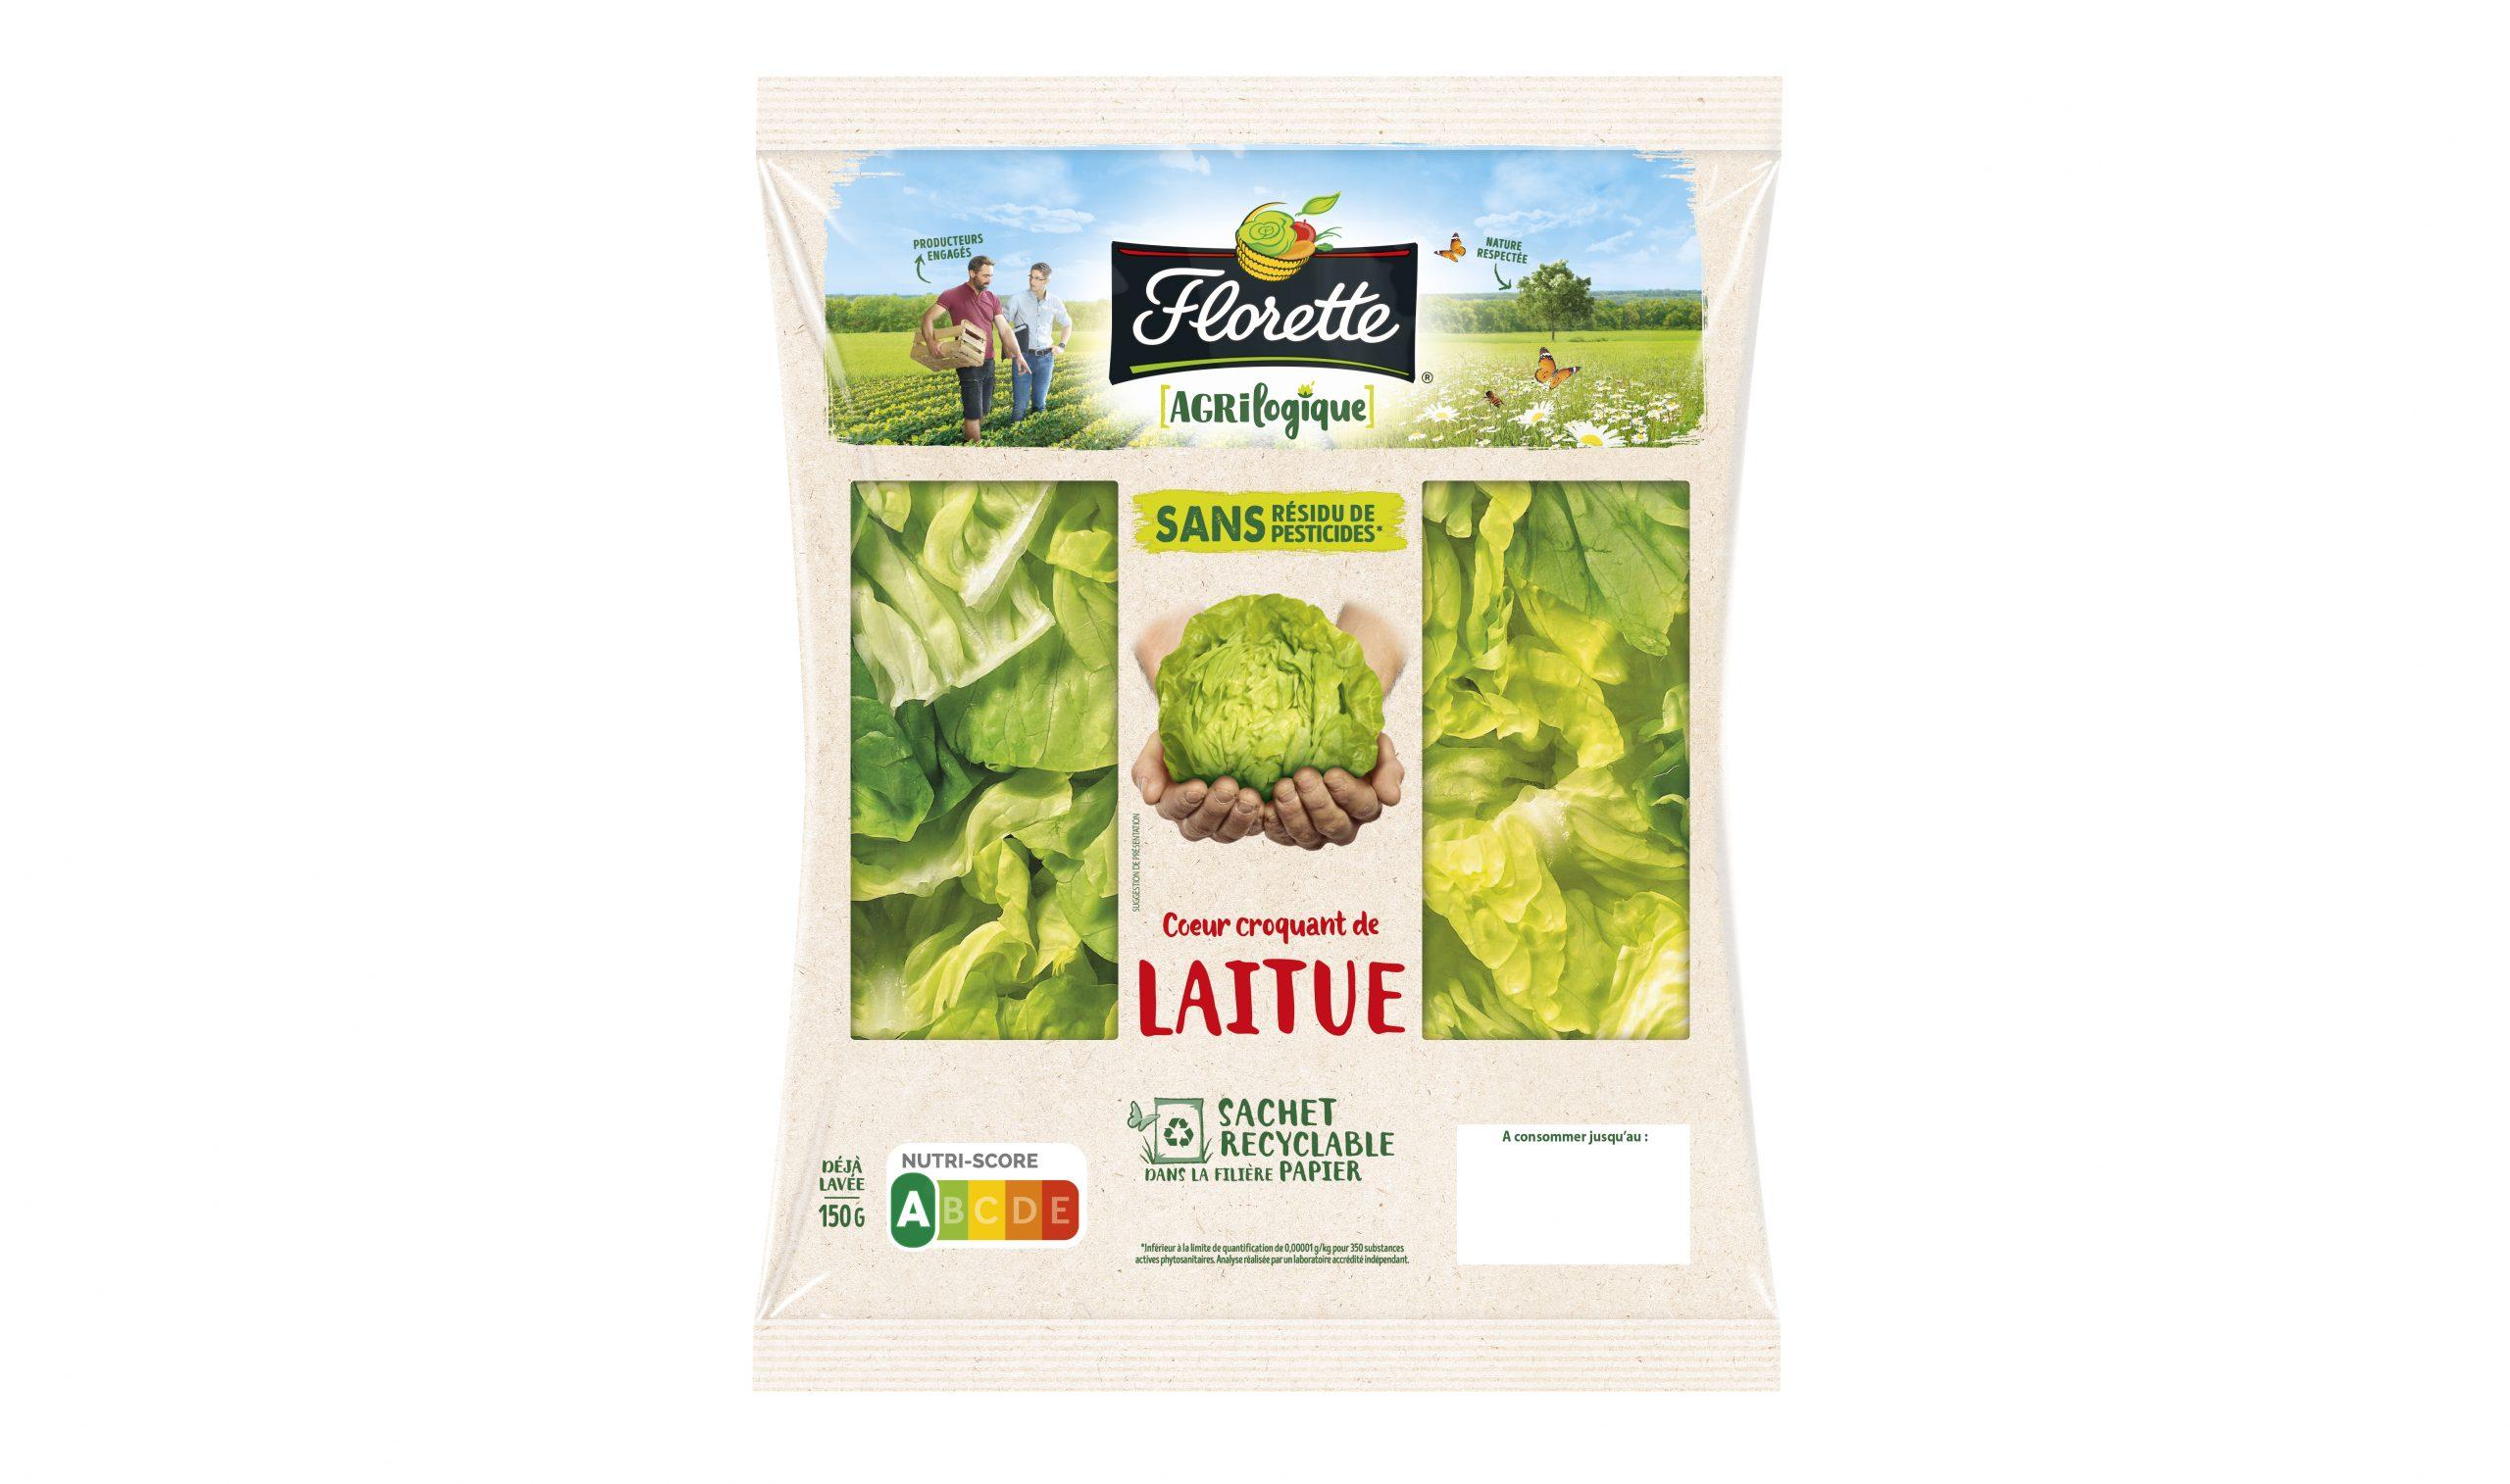 2107066 FLO FR Agrilogique Salade Laitue ZF19552 2D HD scaled - Florette lance un sachet de salade en papier recyclable